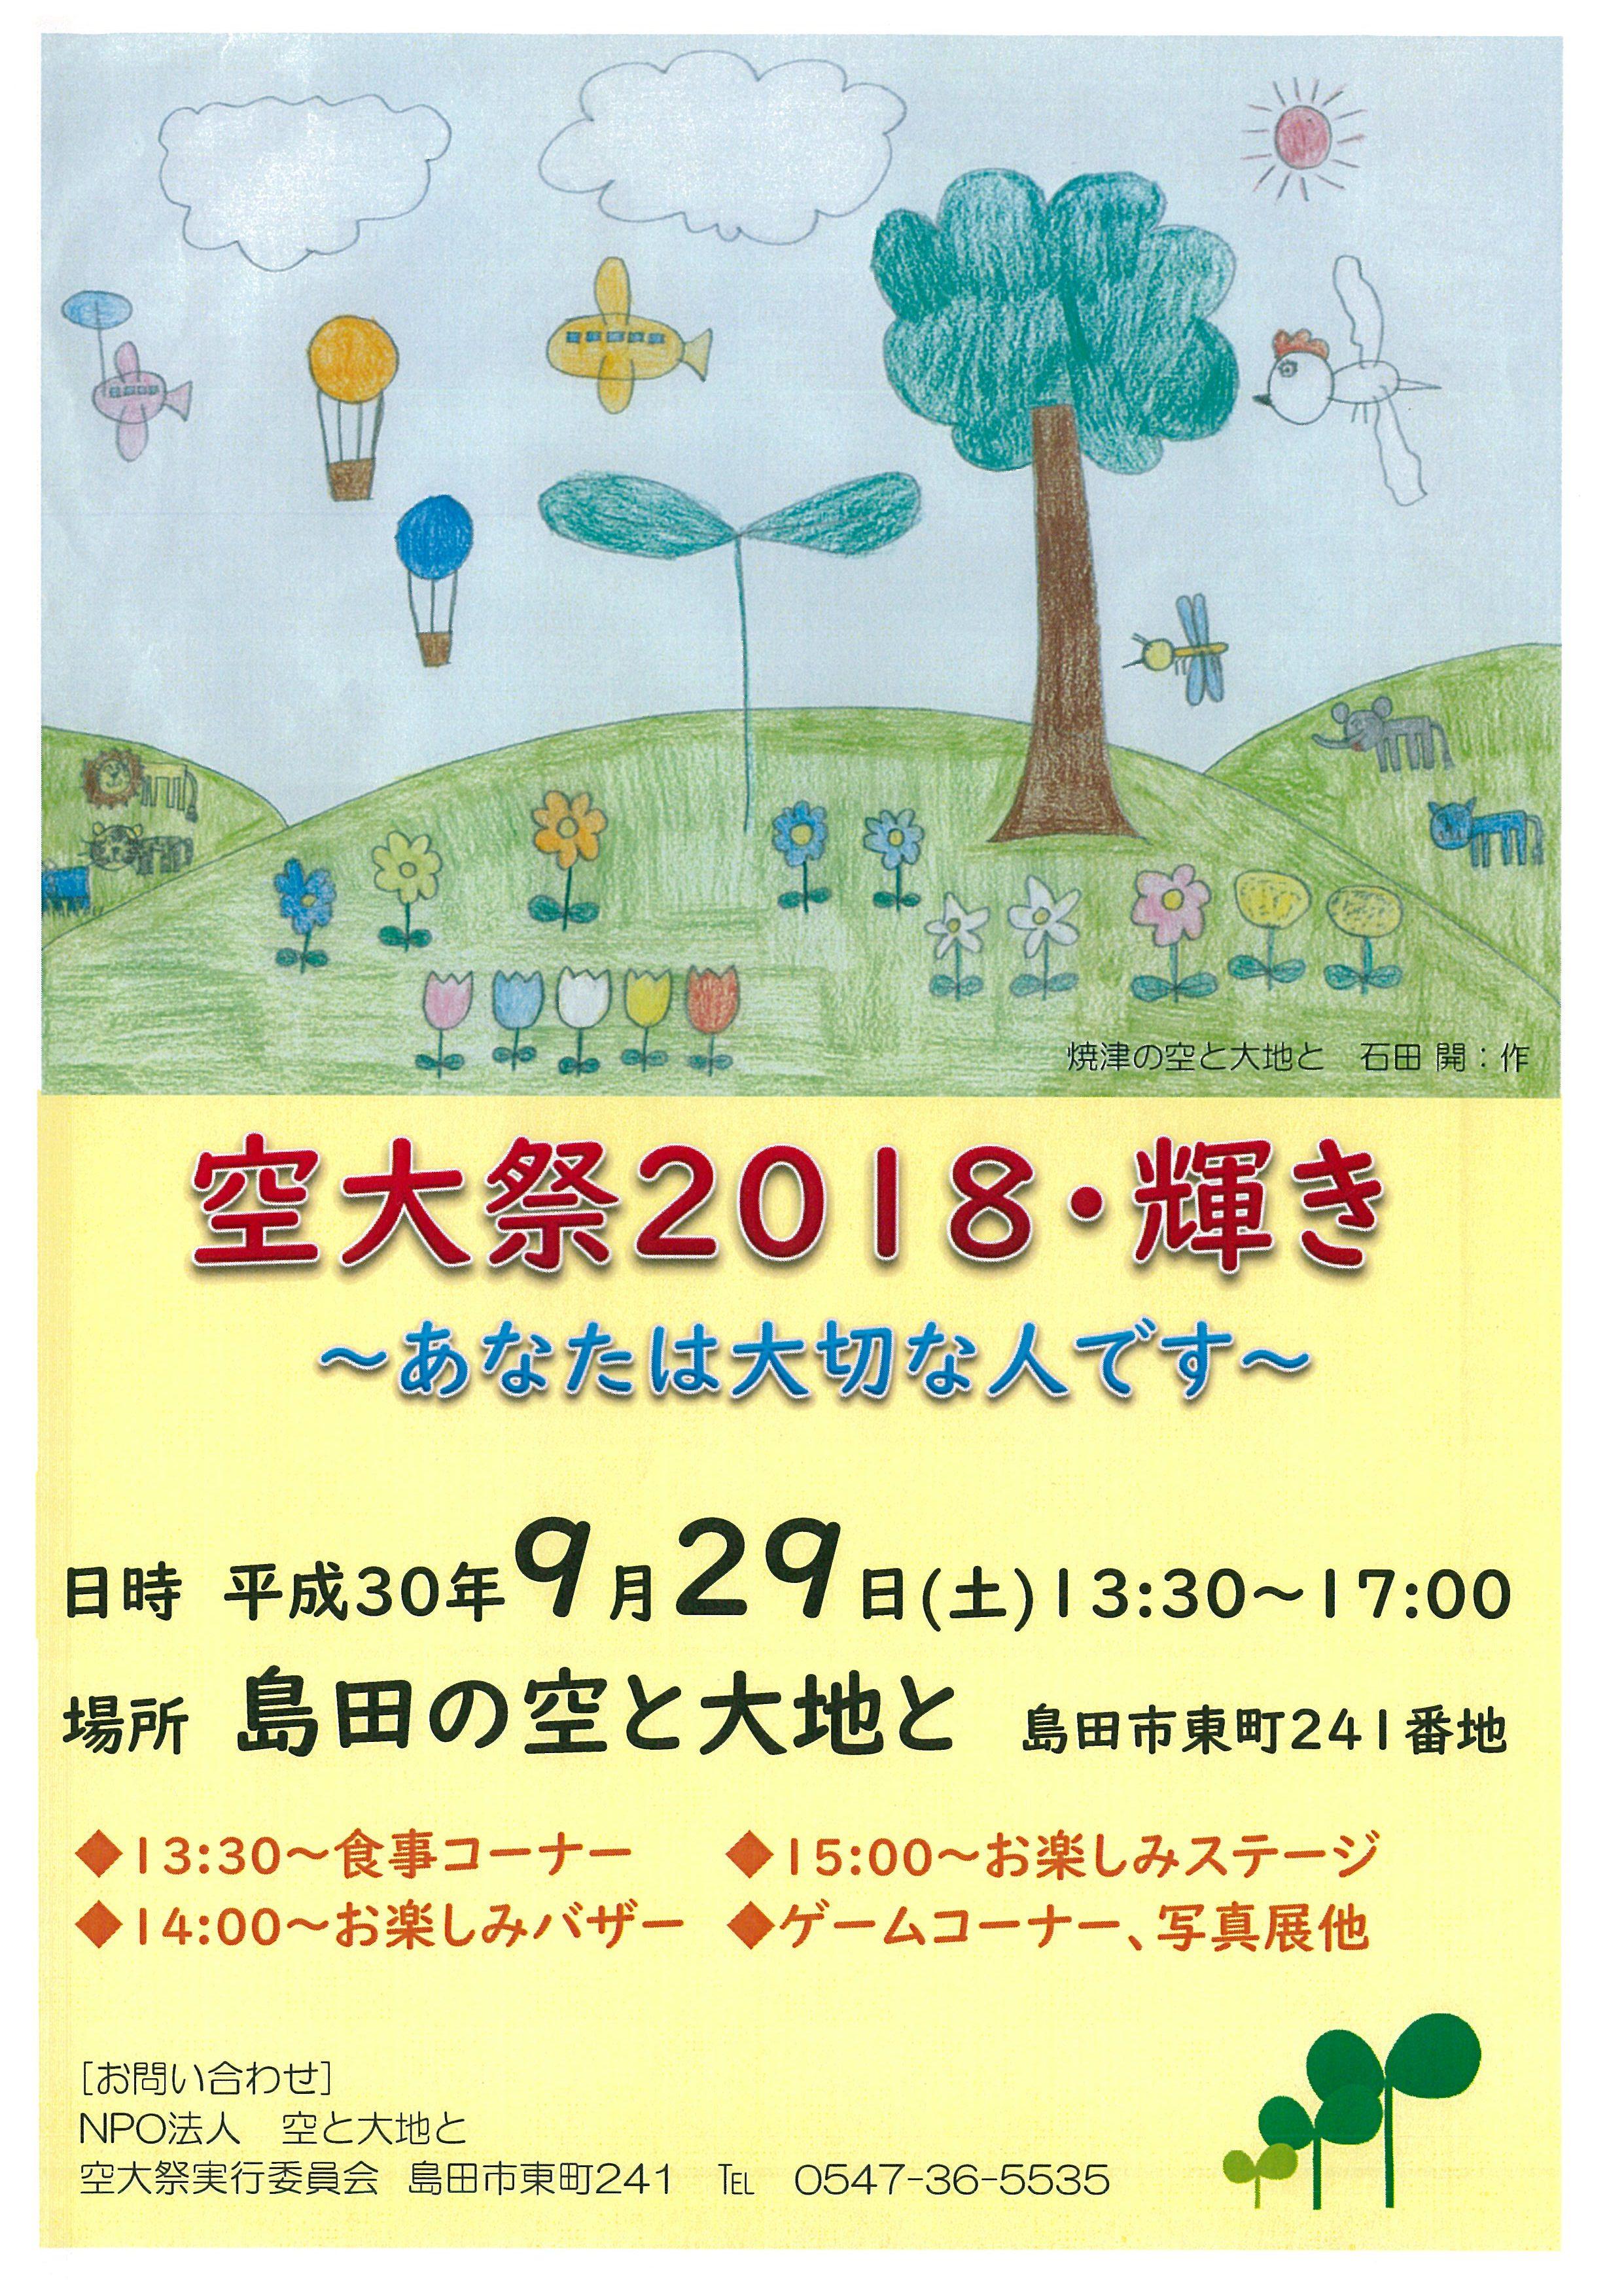 空大祭2018・輝き H30.9.29開催